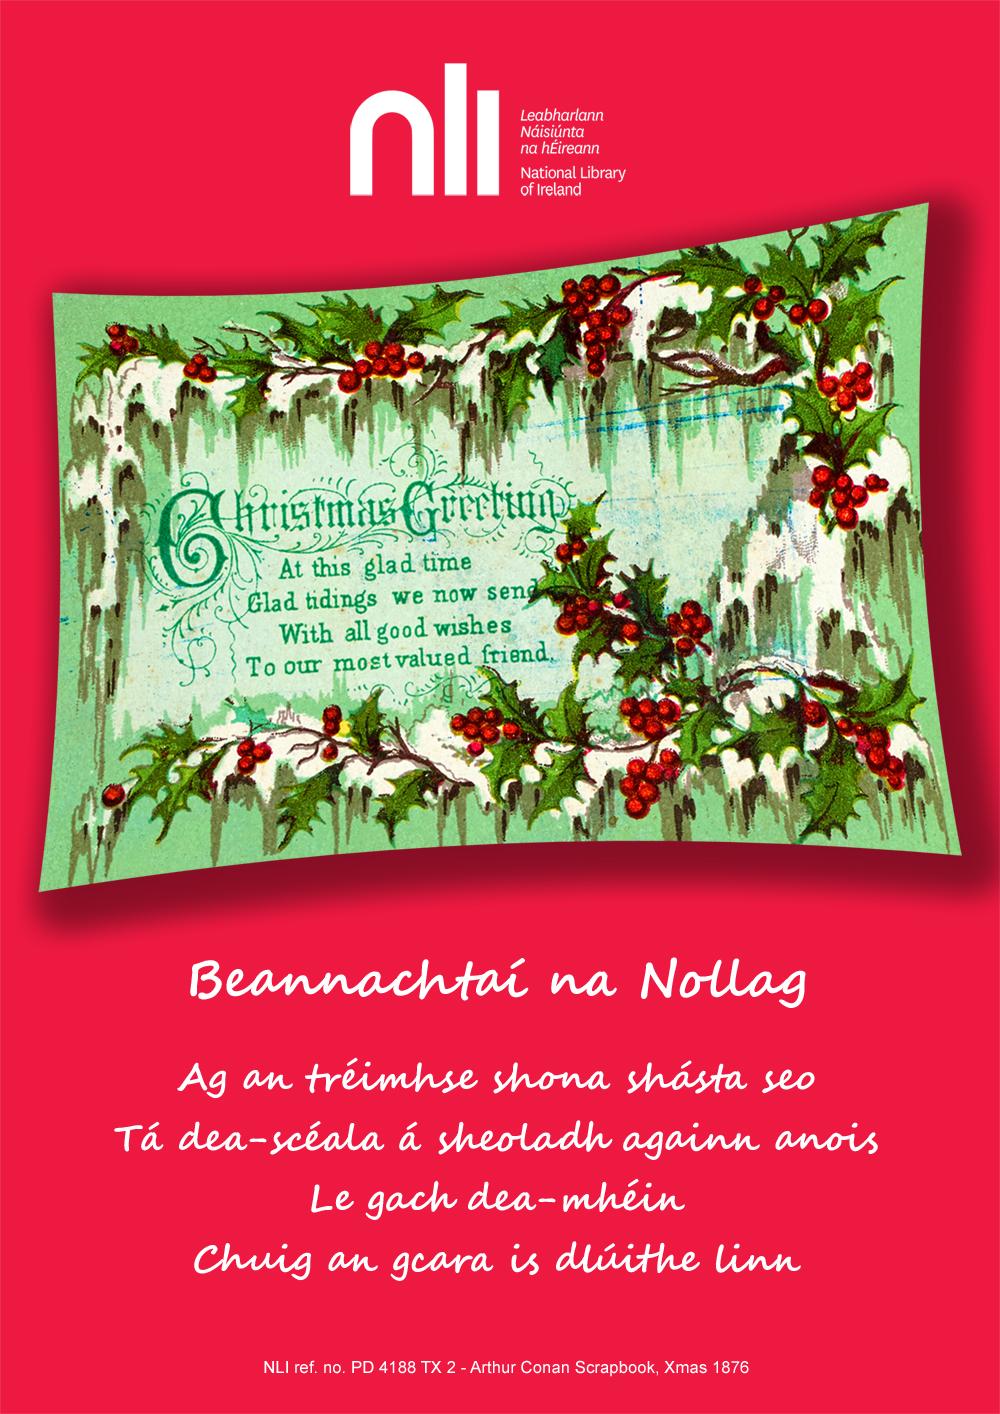 Blessings of Christmas - Beannachtaí na Nollag